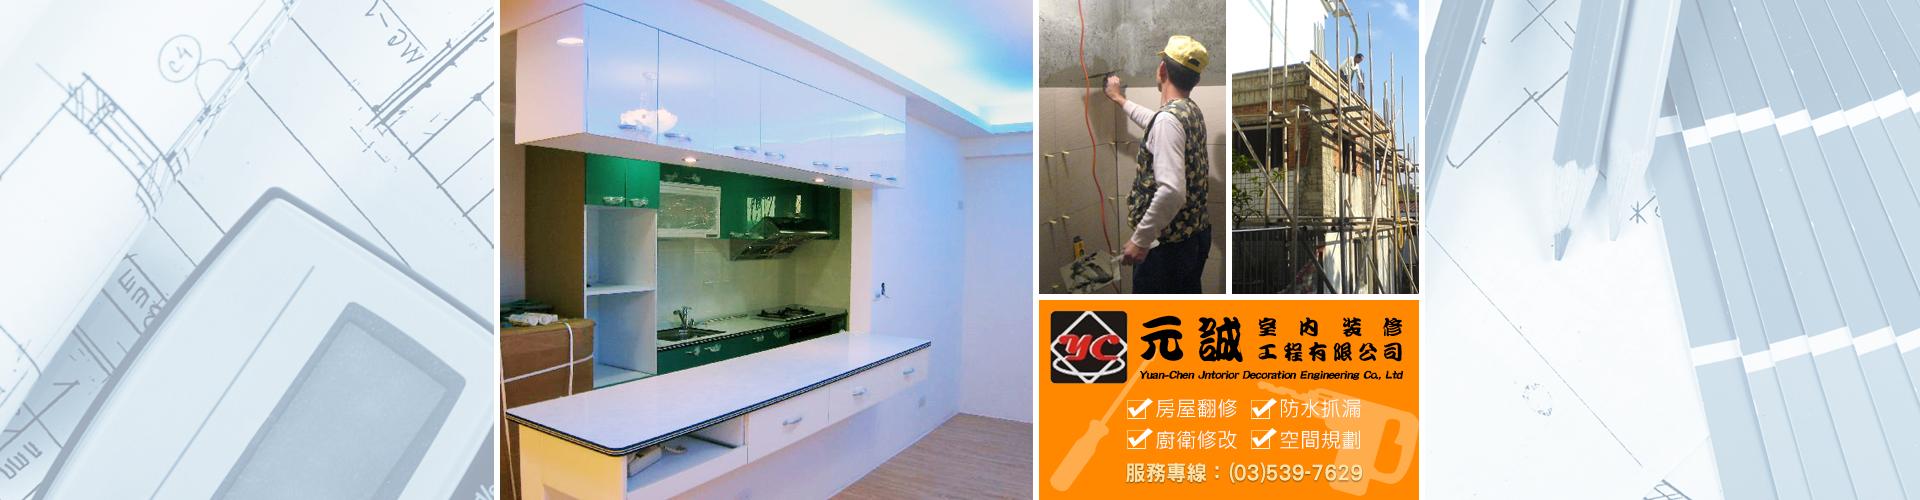 元誠室內裝修工程有限公司 Yuan-Chen Jntorior